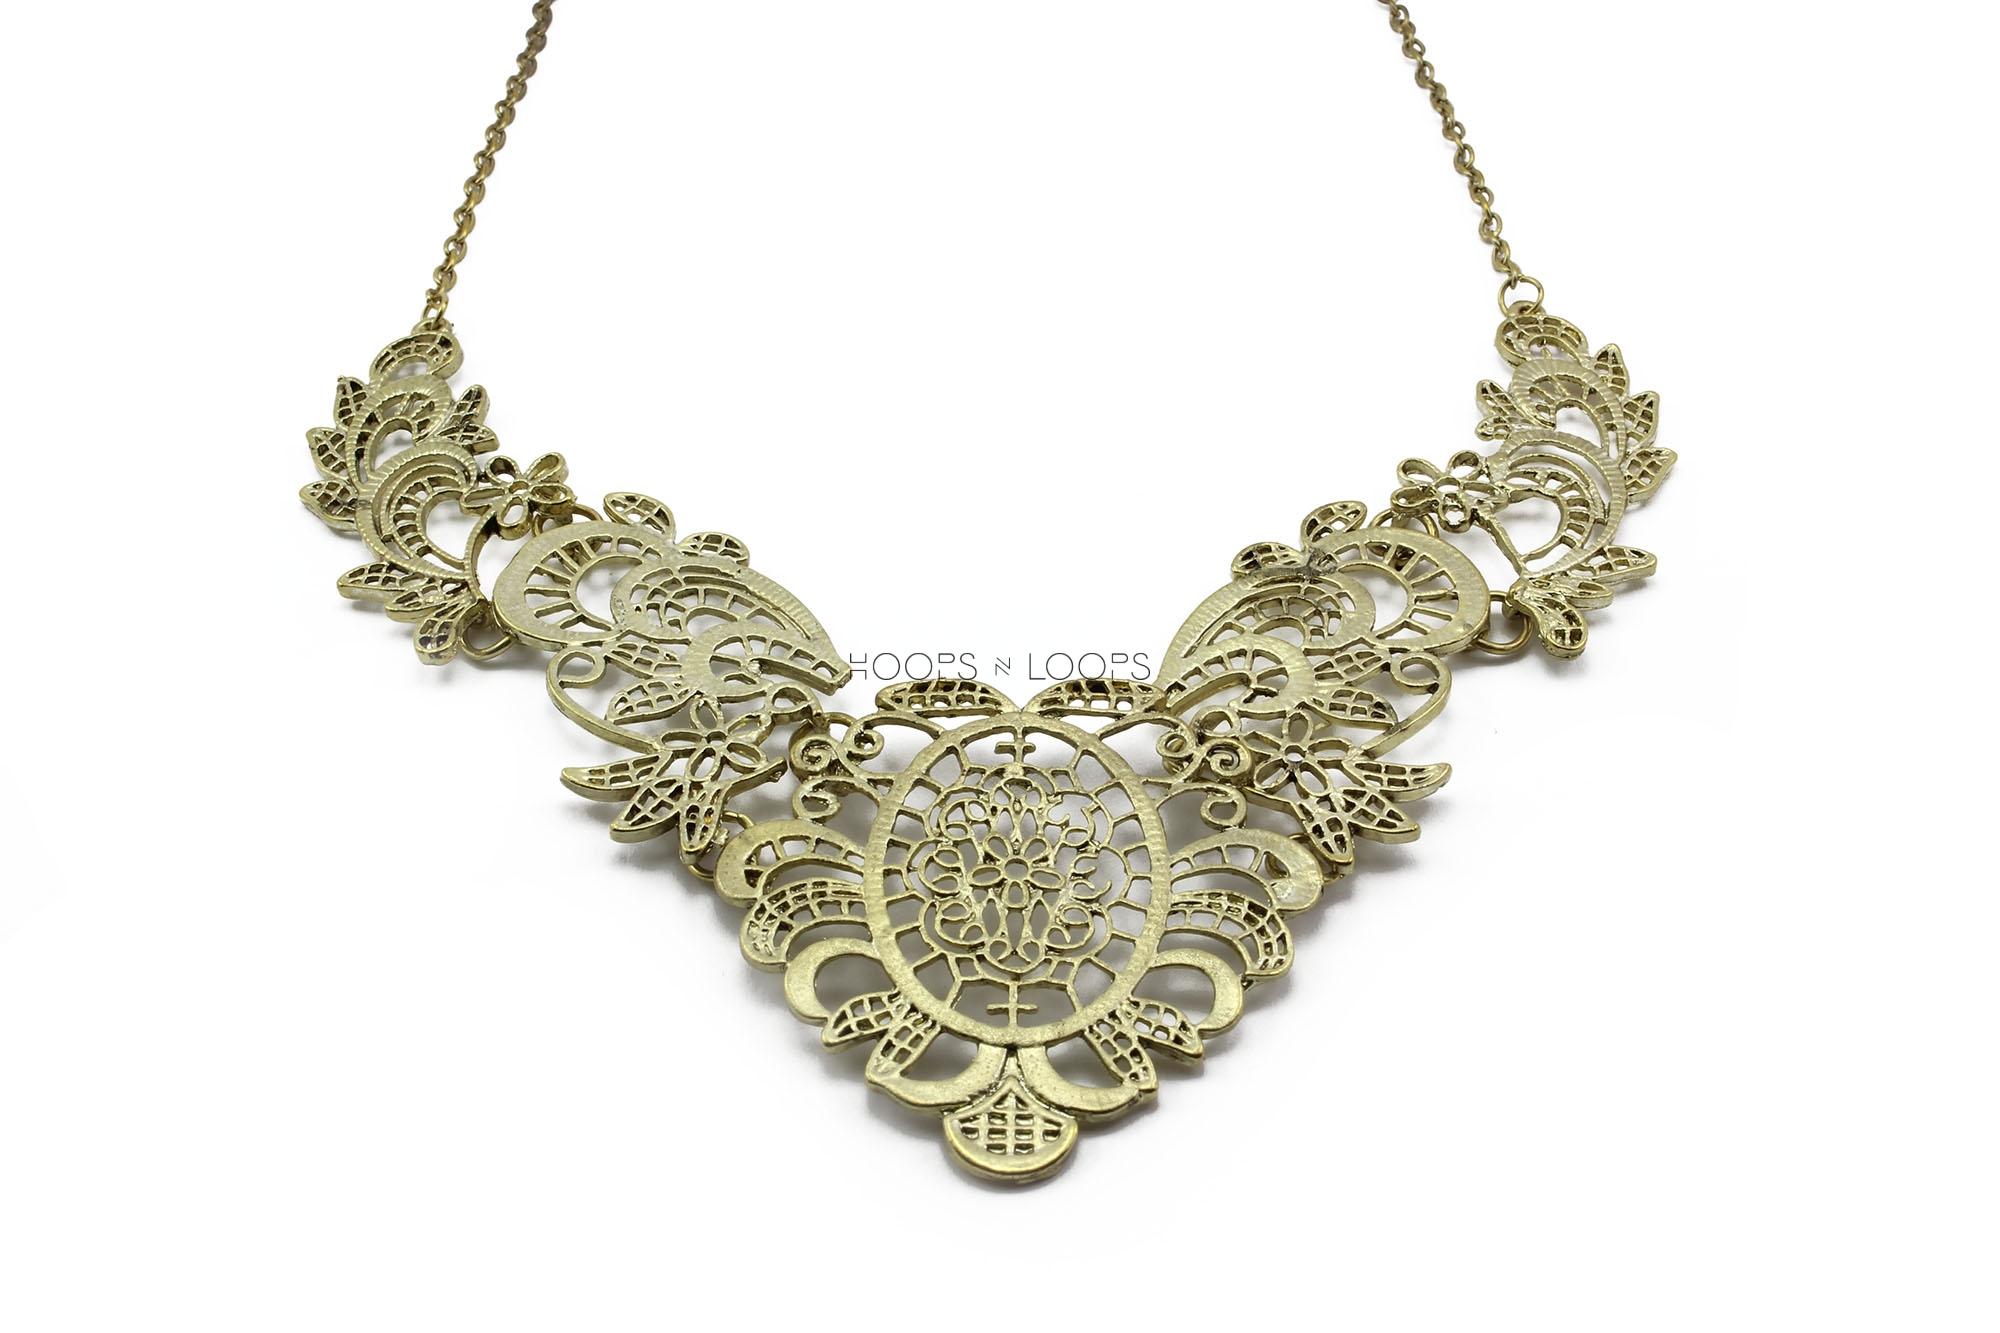 regal princess necklace hoops n loops